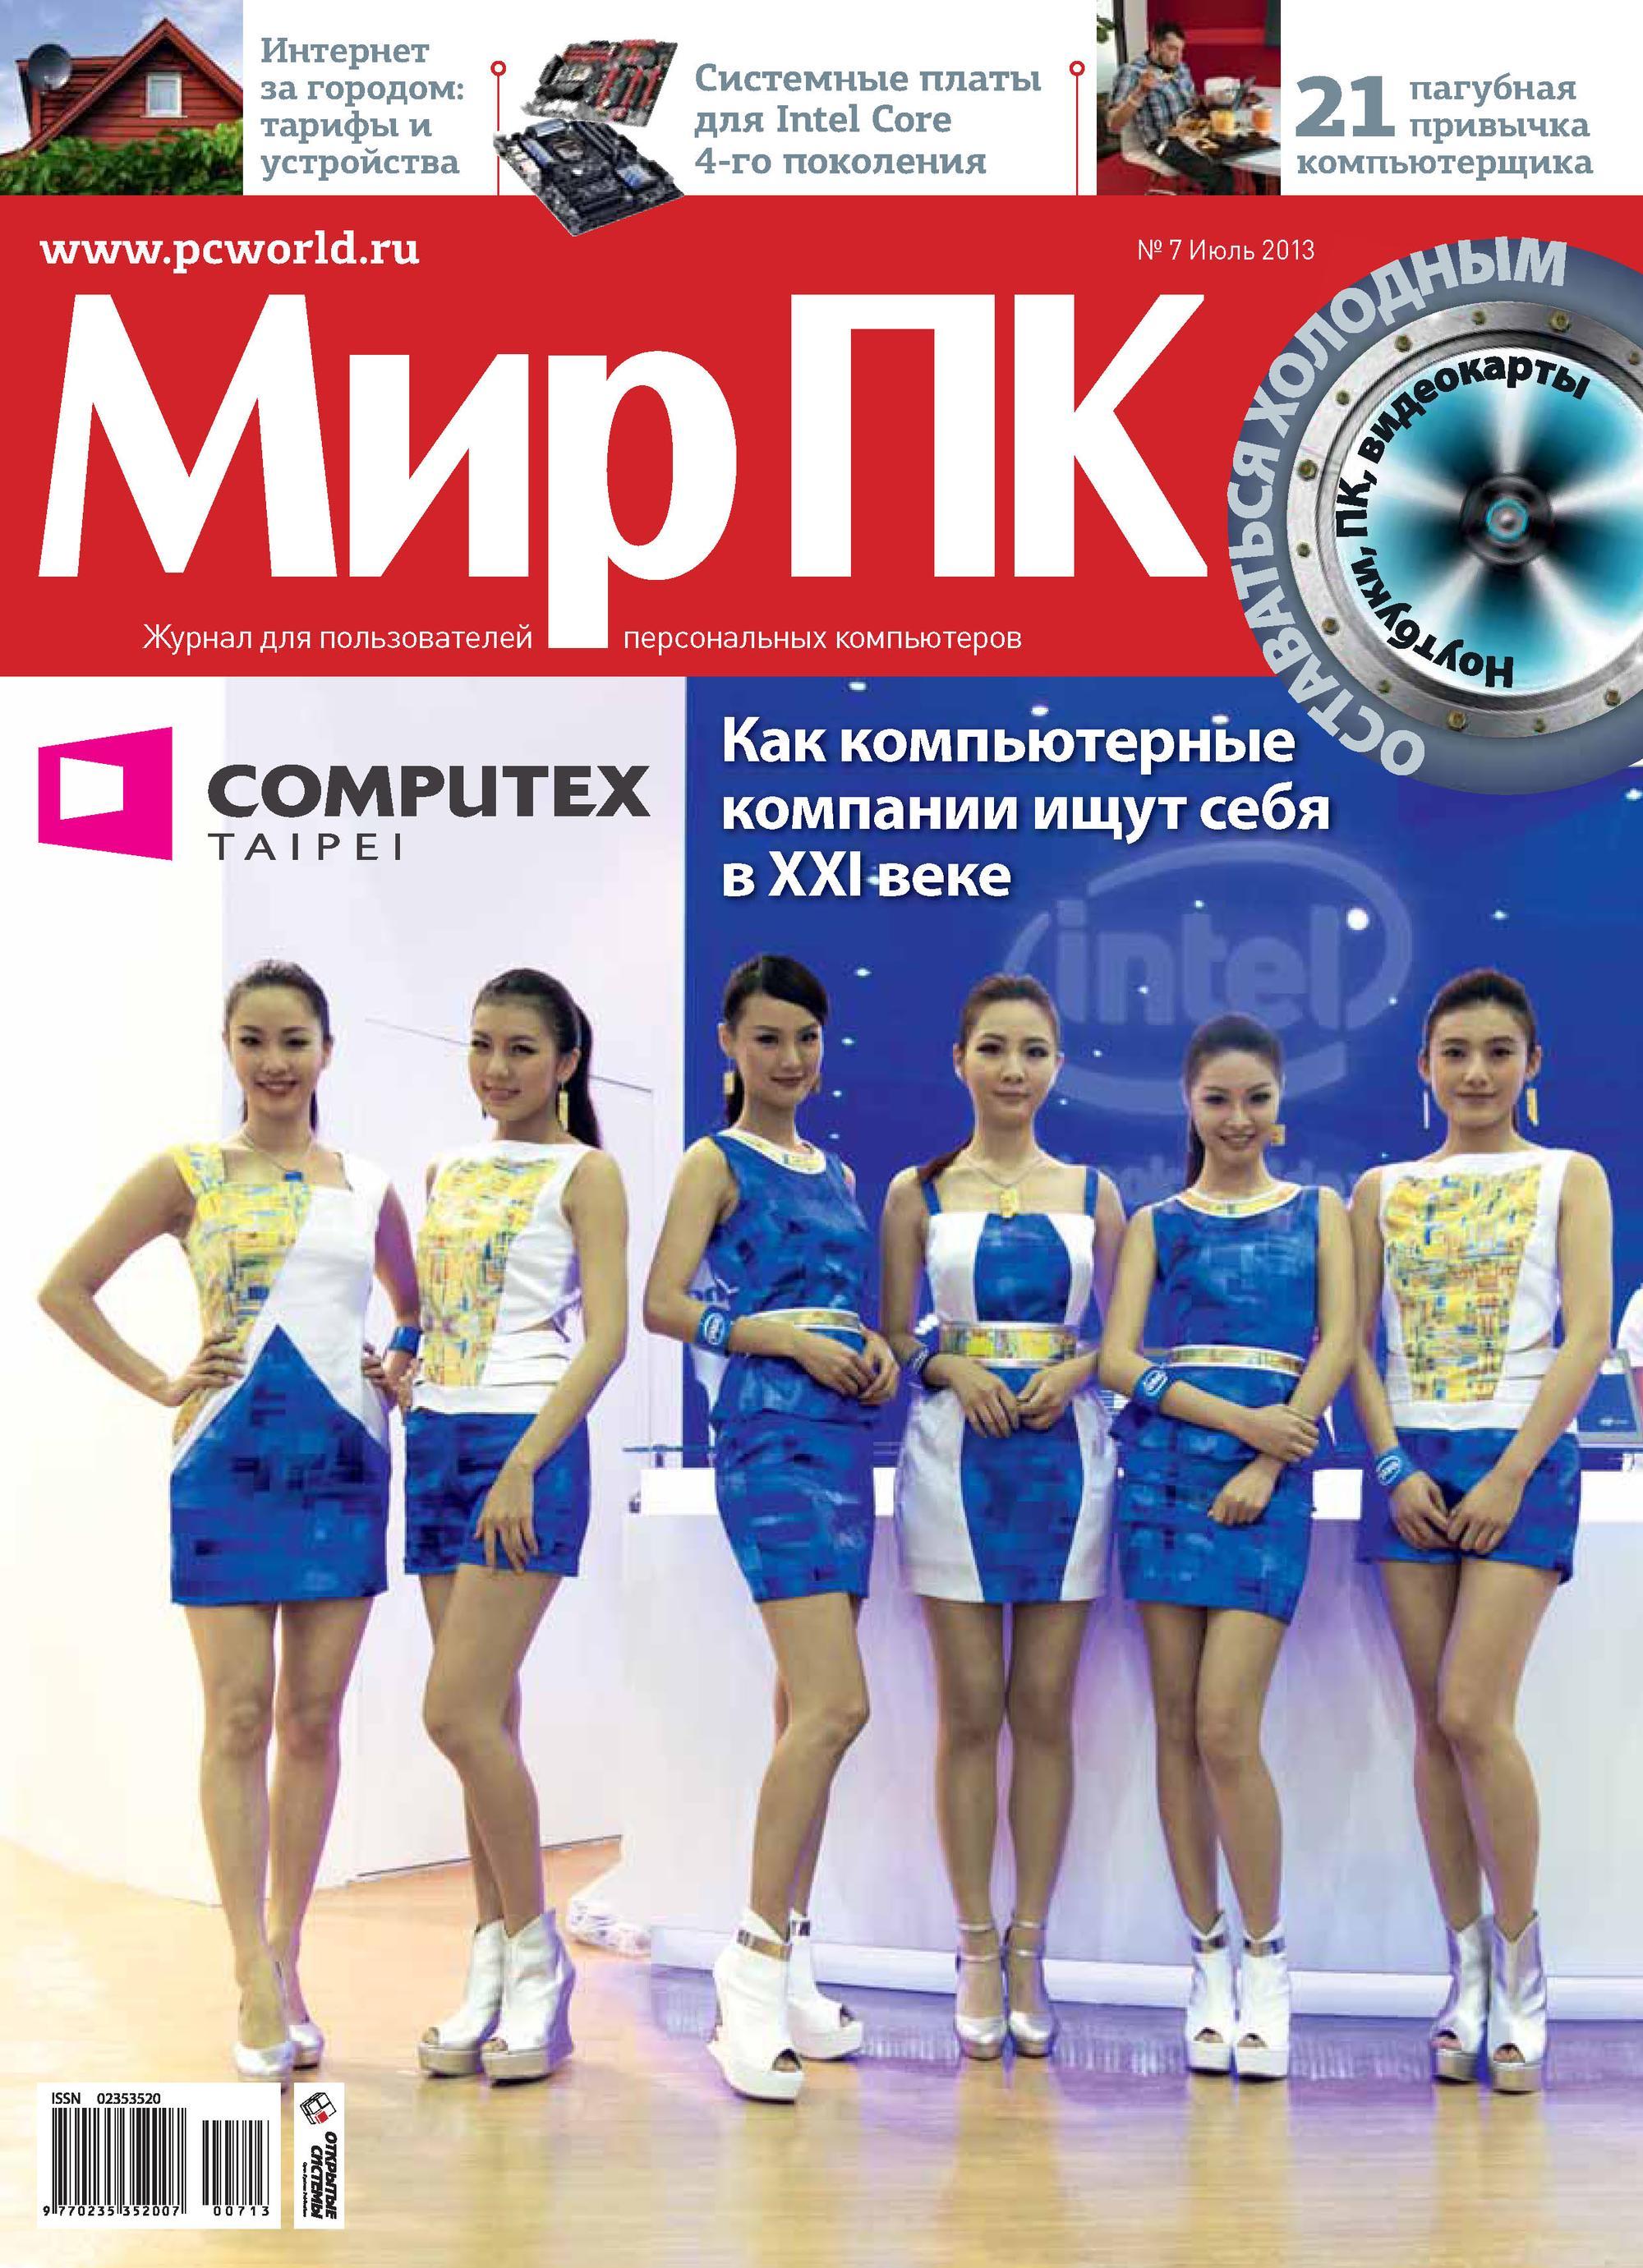 Мир ПК Журнал «Мир ПК» №07/2013 планшетные компьютеры